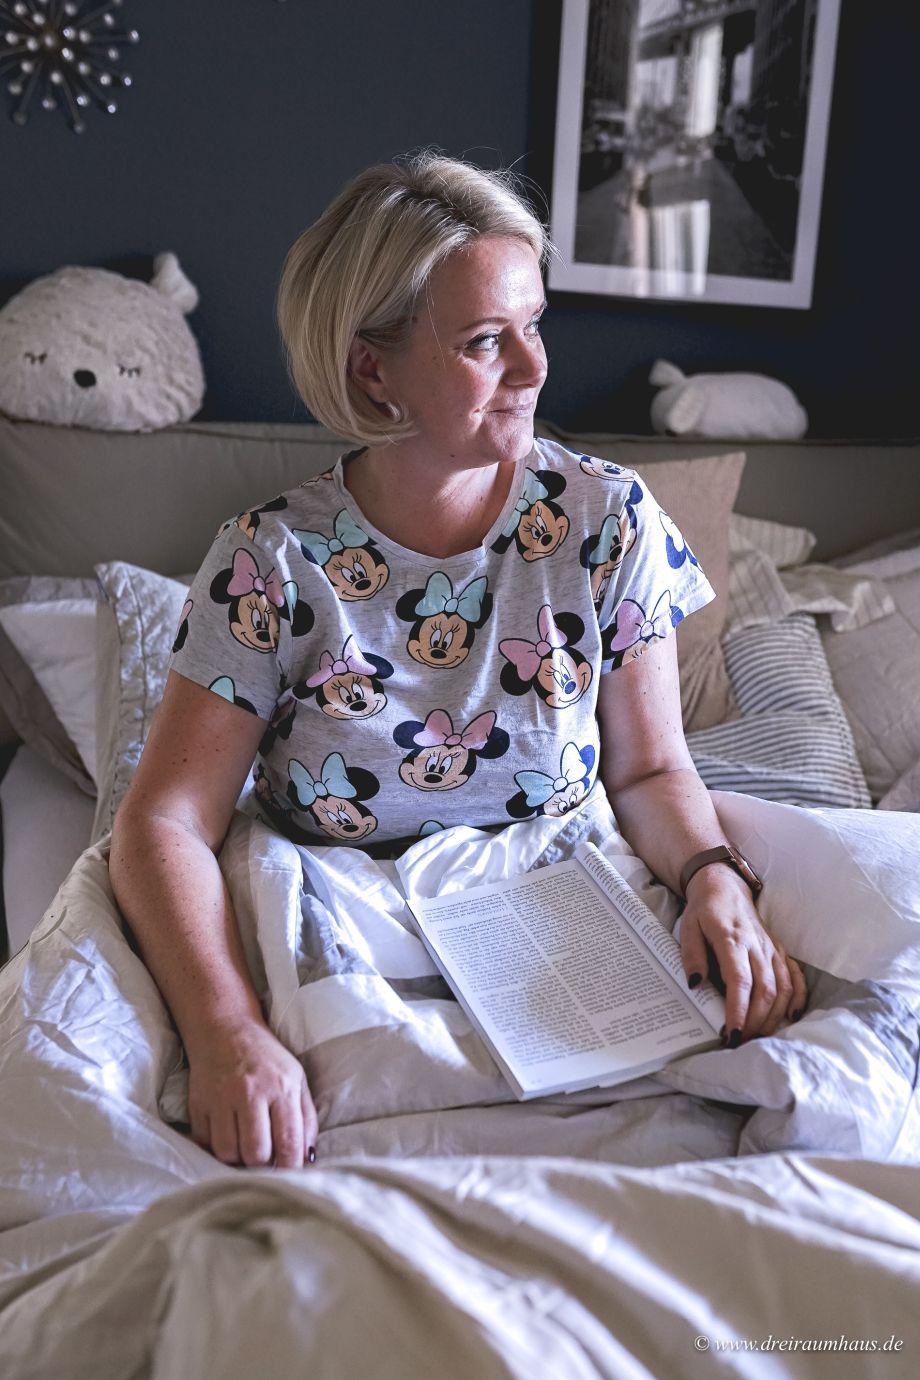 Gesunder Schlaf für Allergiker mit hochwertigen Bettwaren von CENTA-STAR healthcare!